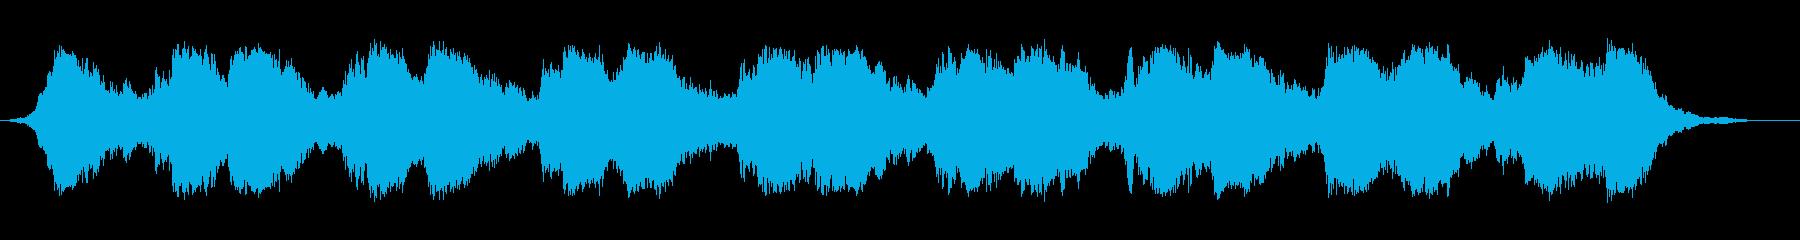 ホラー&サスペンスな雰囲気のBGMの再生済みの波形